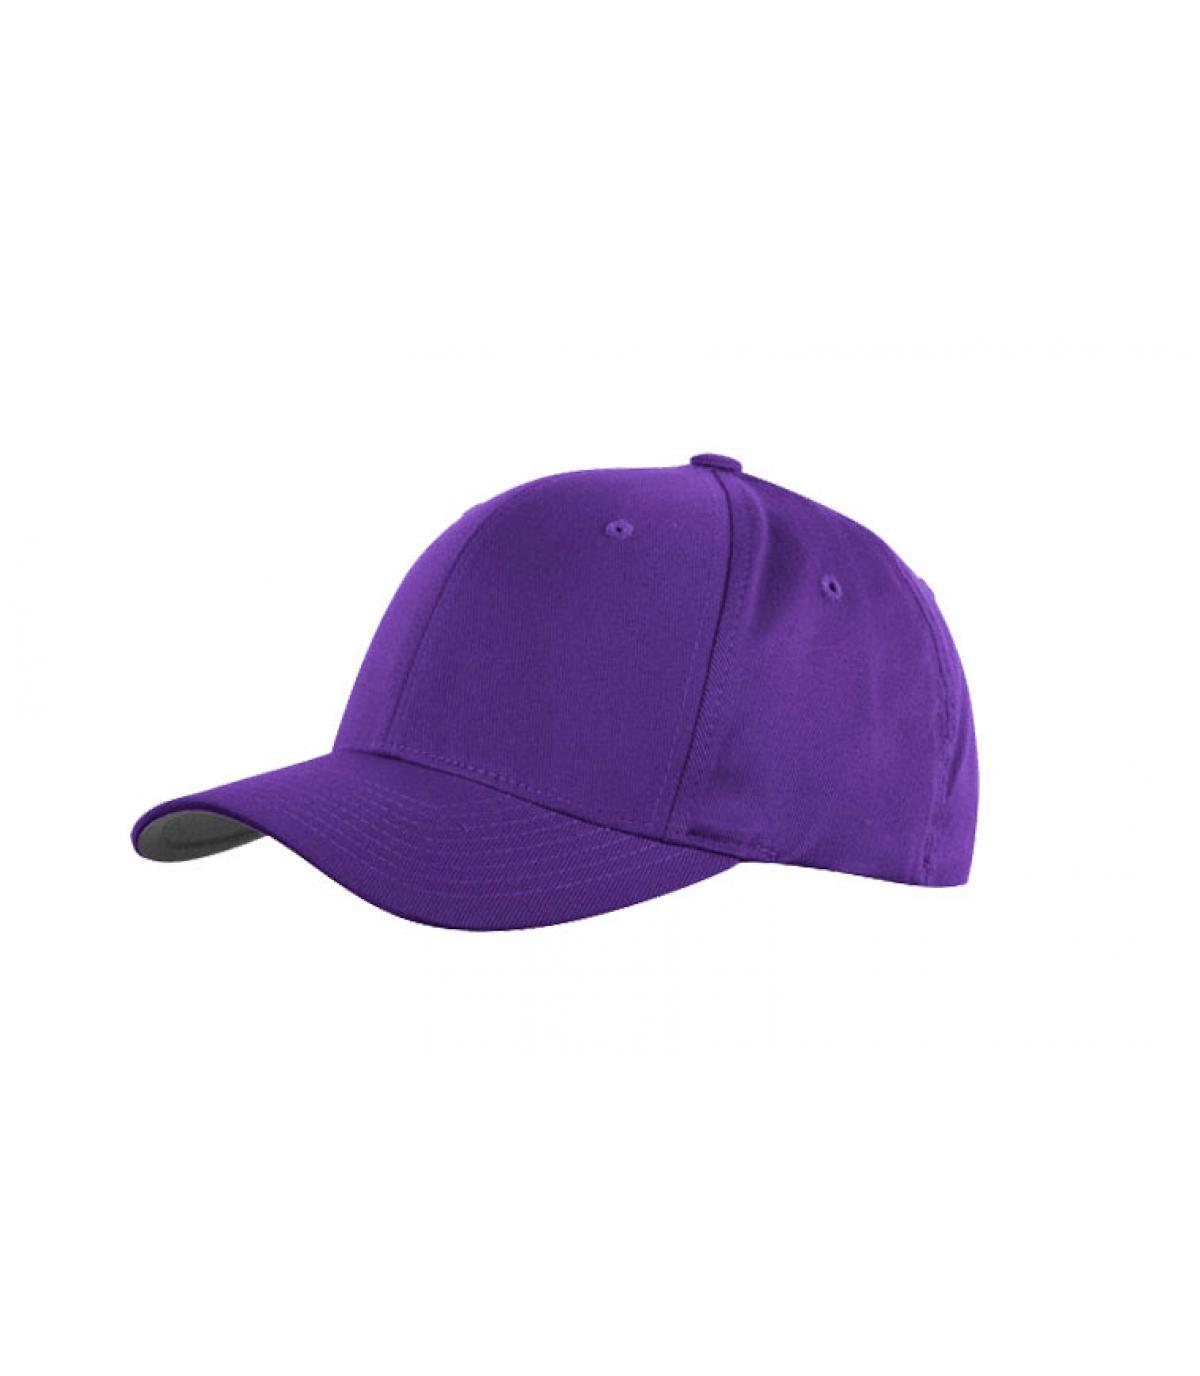 Détails Casquette violette flexfit - image 2